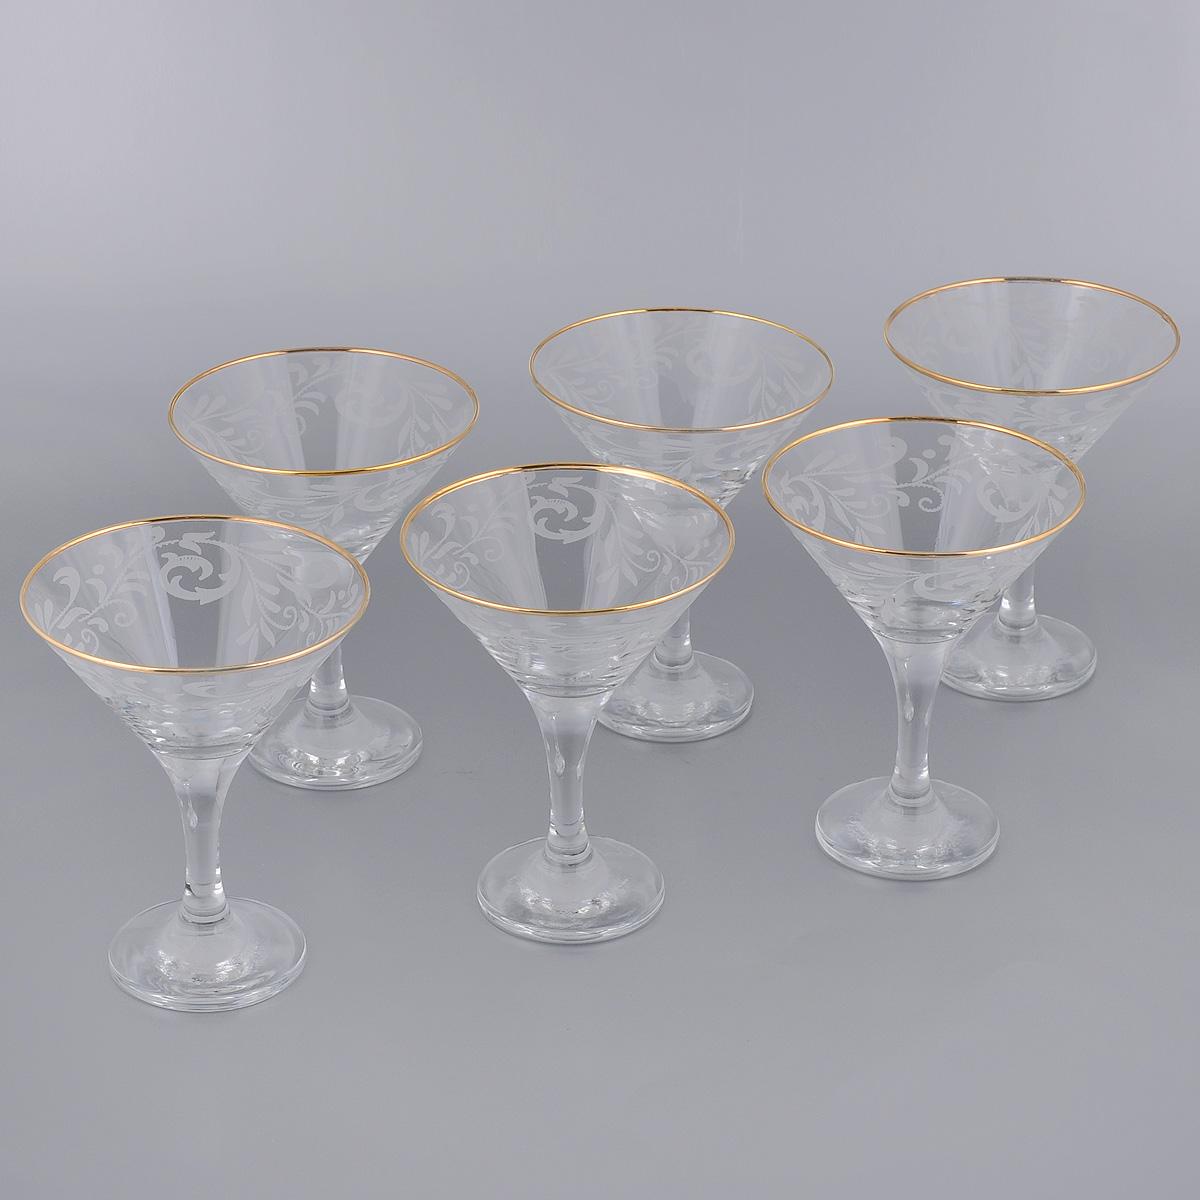 Набор бокалов для мартини Гусь-Хрустальный Веточка, 170 мл, 6 шт набор бокалов для бренди гусь хрустальный нежность 410 мл 6 шт